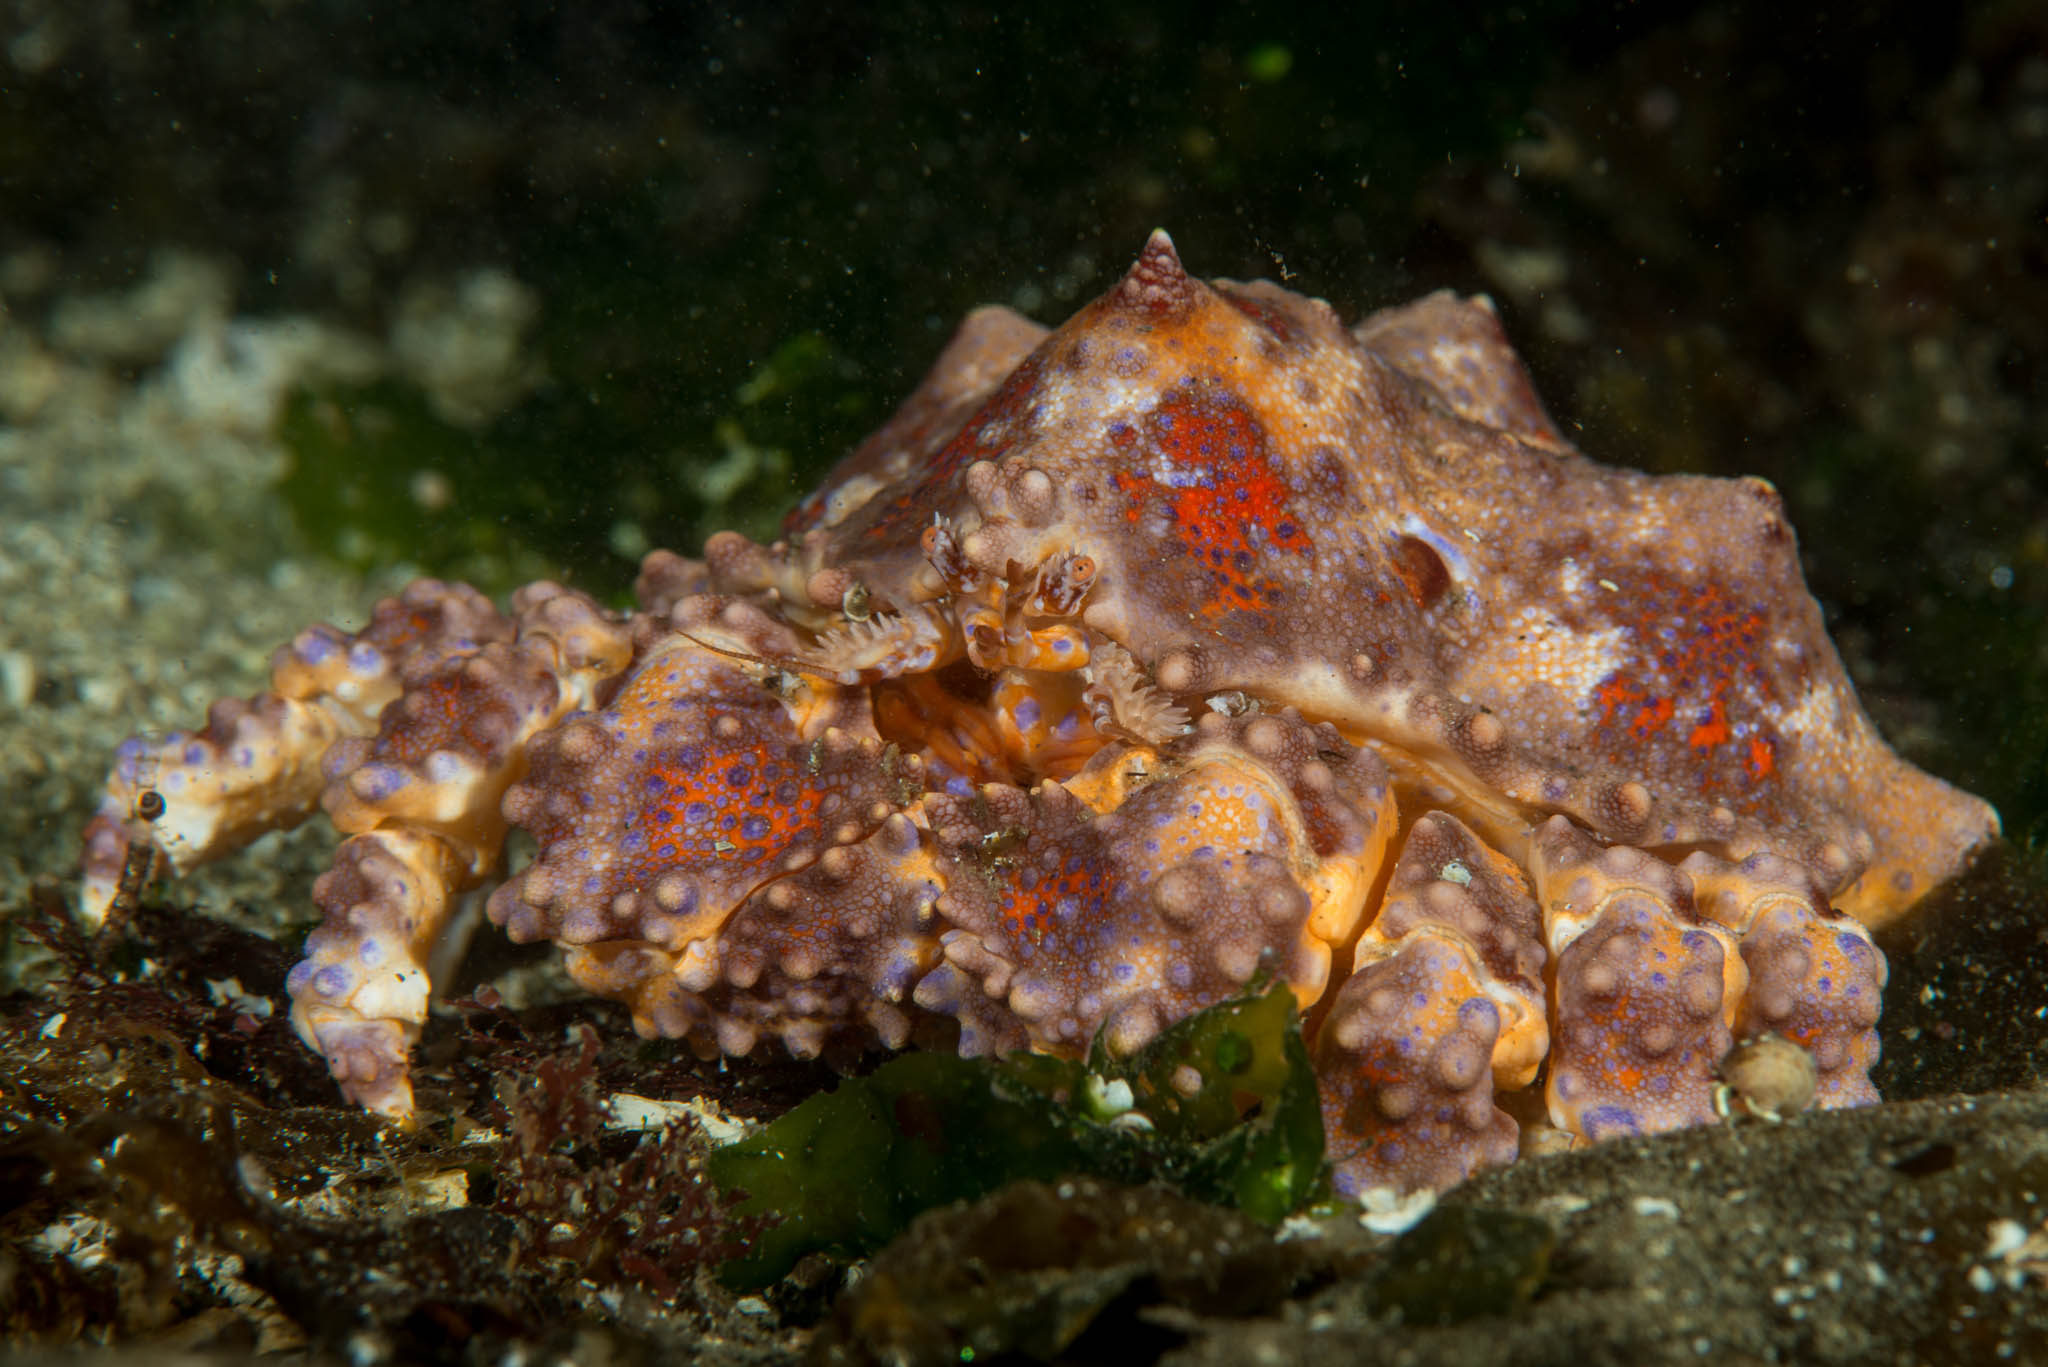 Puget Sound King Crab